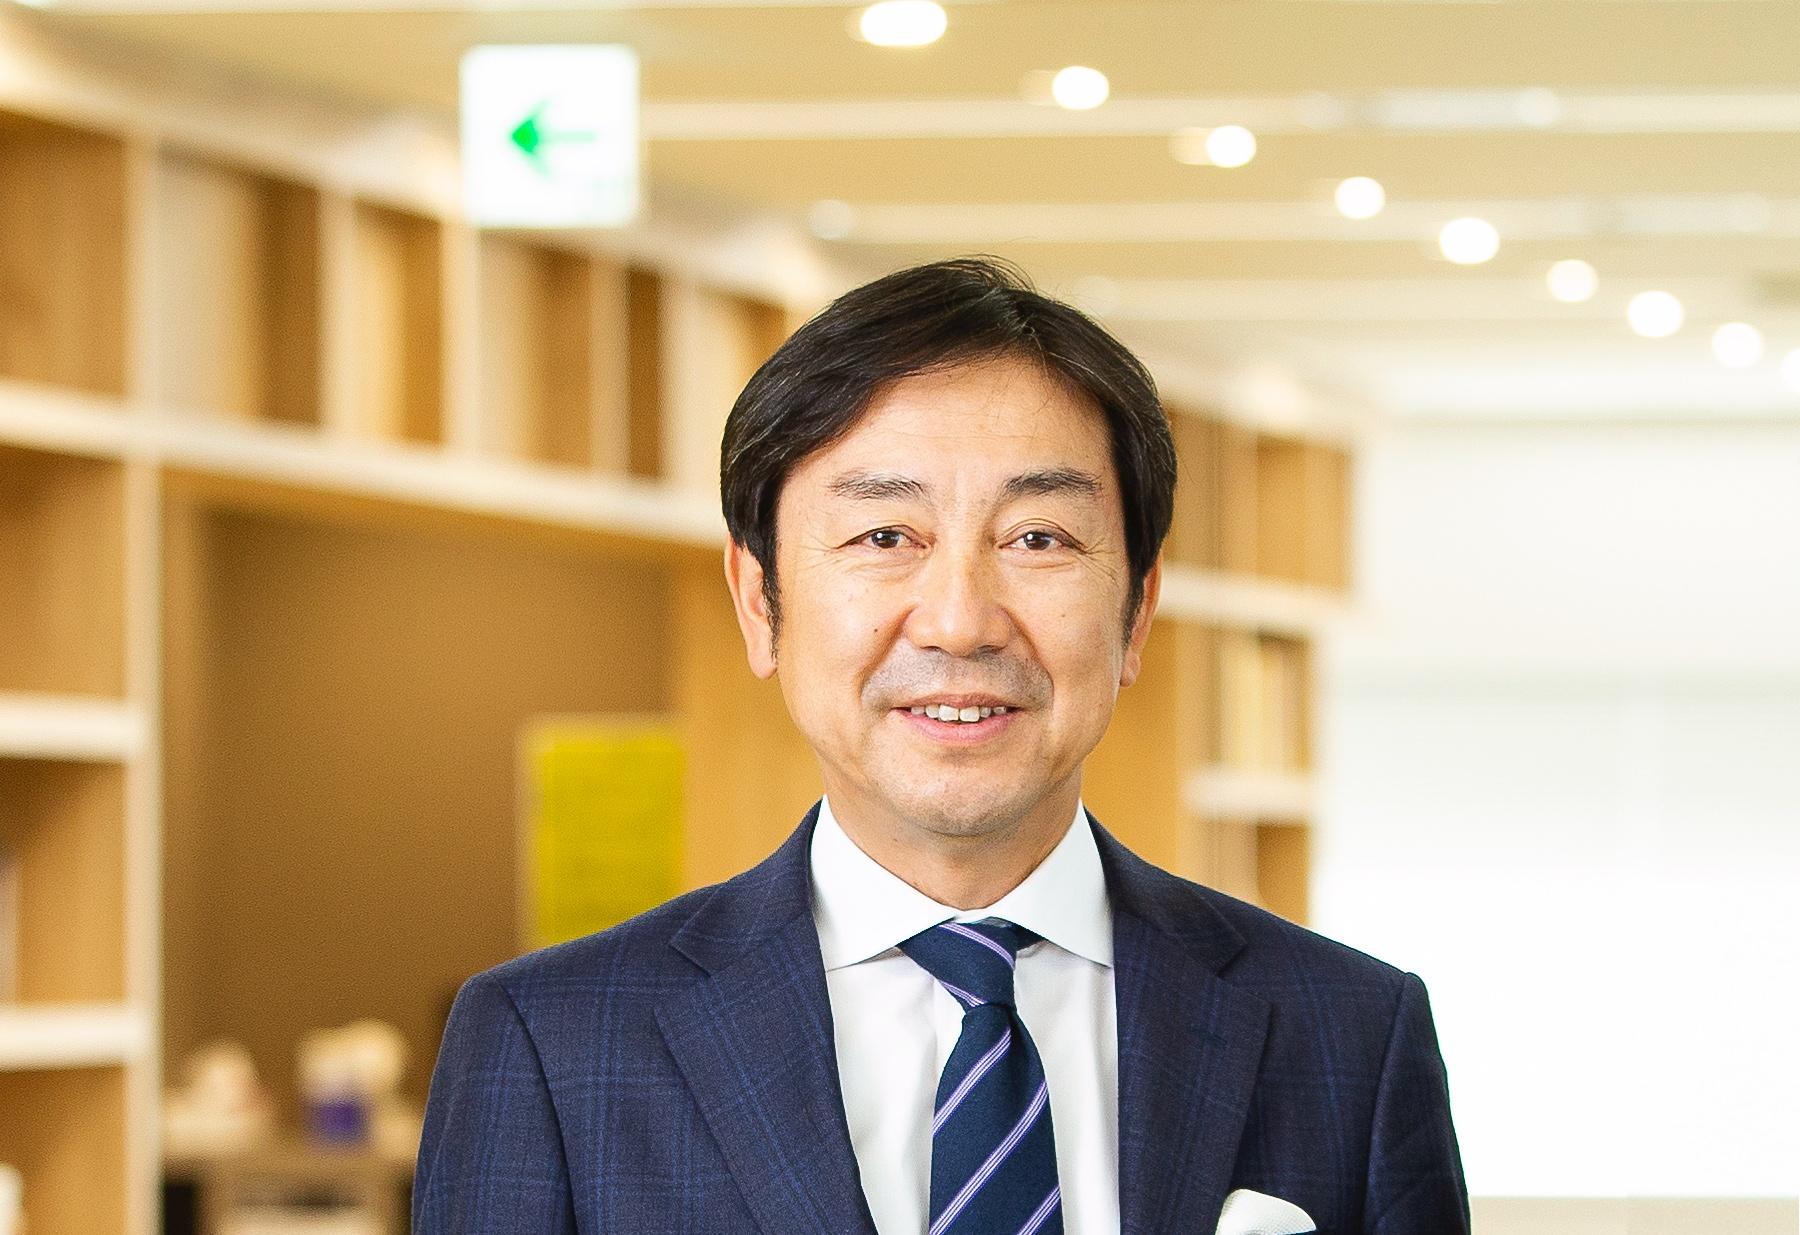 鎌倉新書、大手金融機関や自治体との業務連携、AIなどの活用により収益の飛躍的向上を実現する 第37期定時株主総会